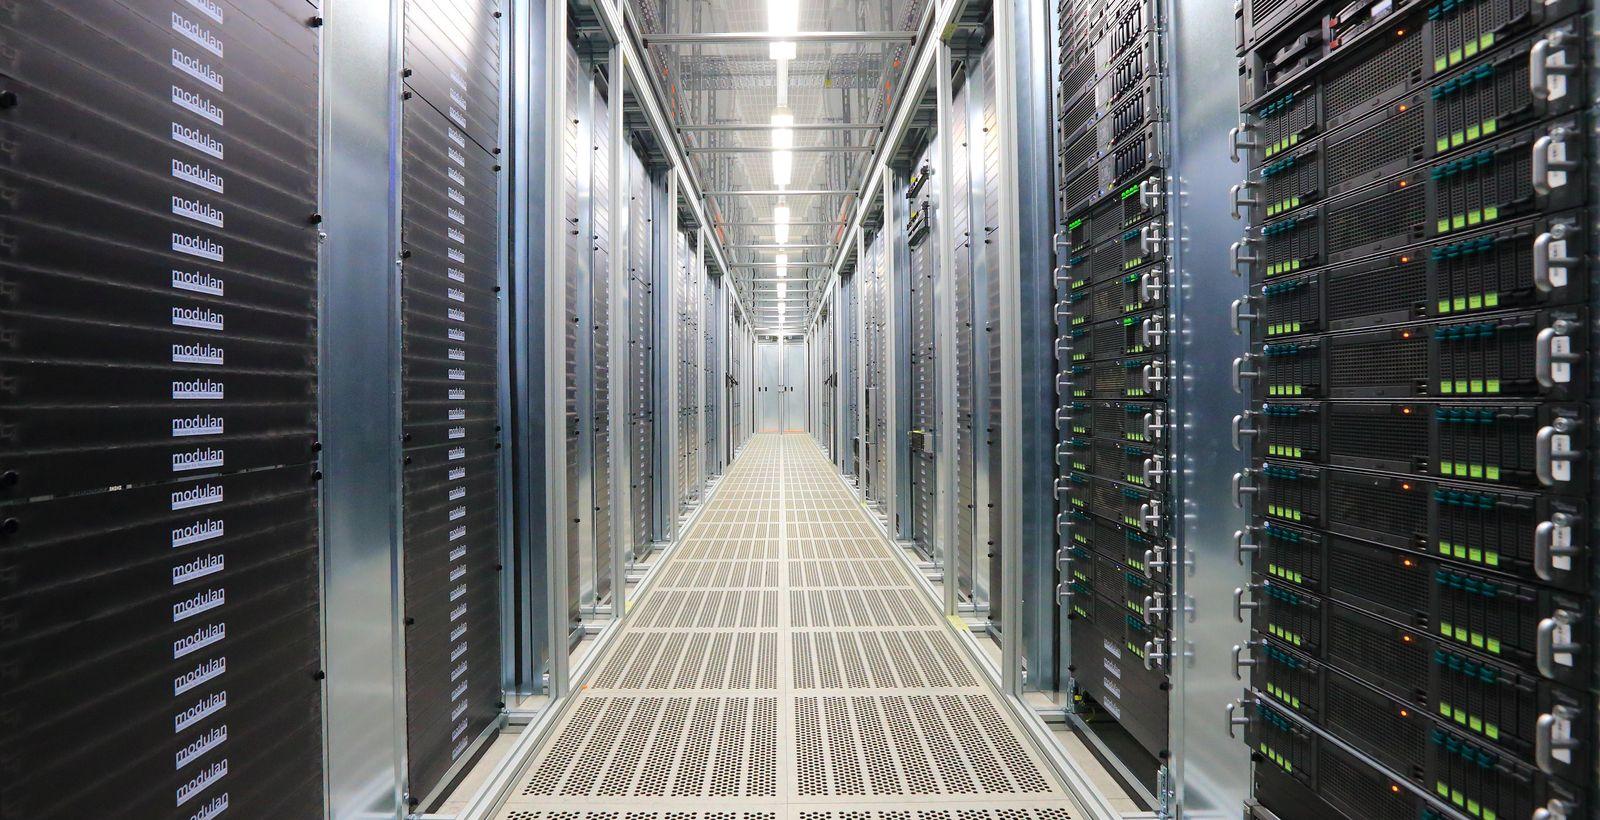 Größtes Telekom-Rechenzentrum vor Inbetriebnahme